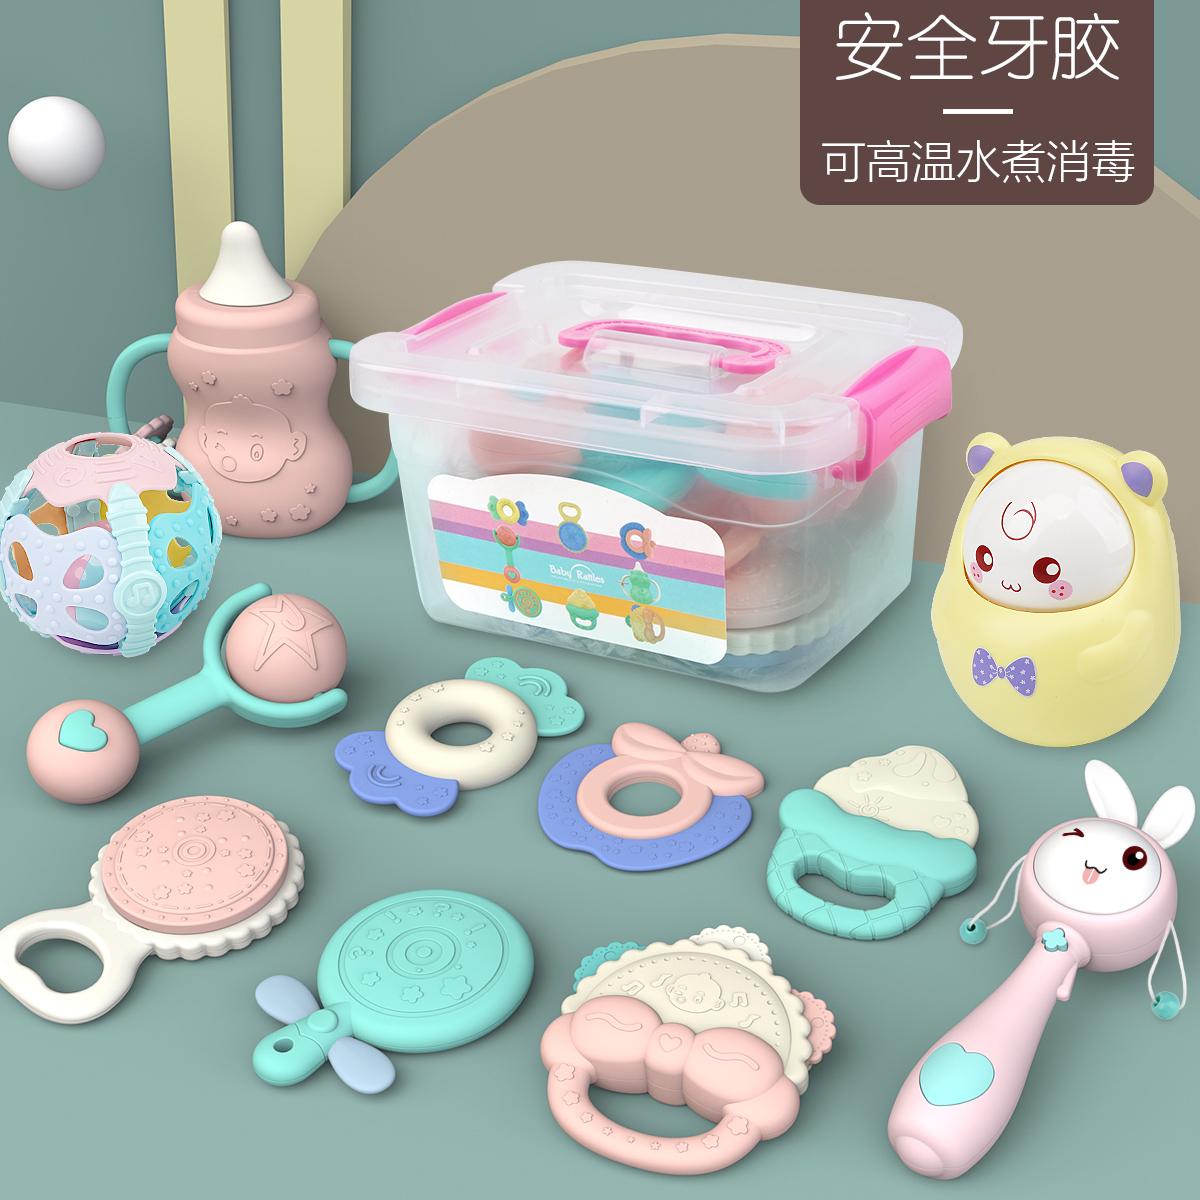 Ребенок игрушка погремушка прорезыватель ребенок мальчик погремушки 5 головоломка 4 новорожденных 0-1 лет 3 младенец 6-12 месяцы